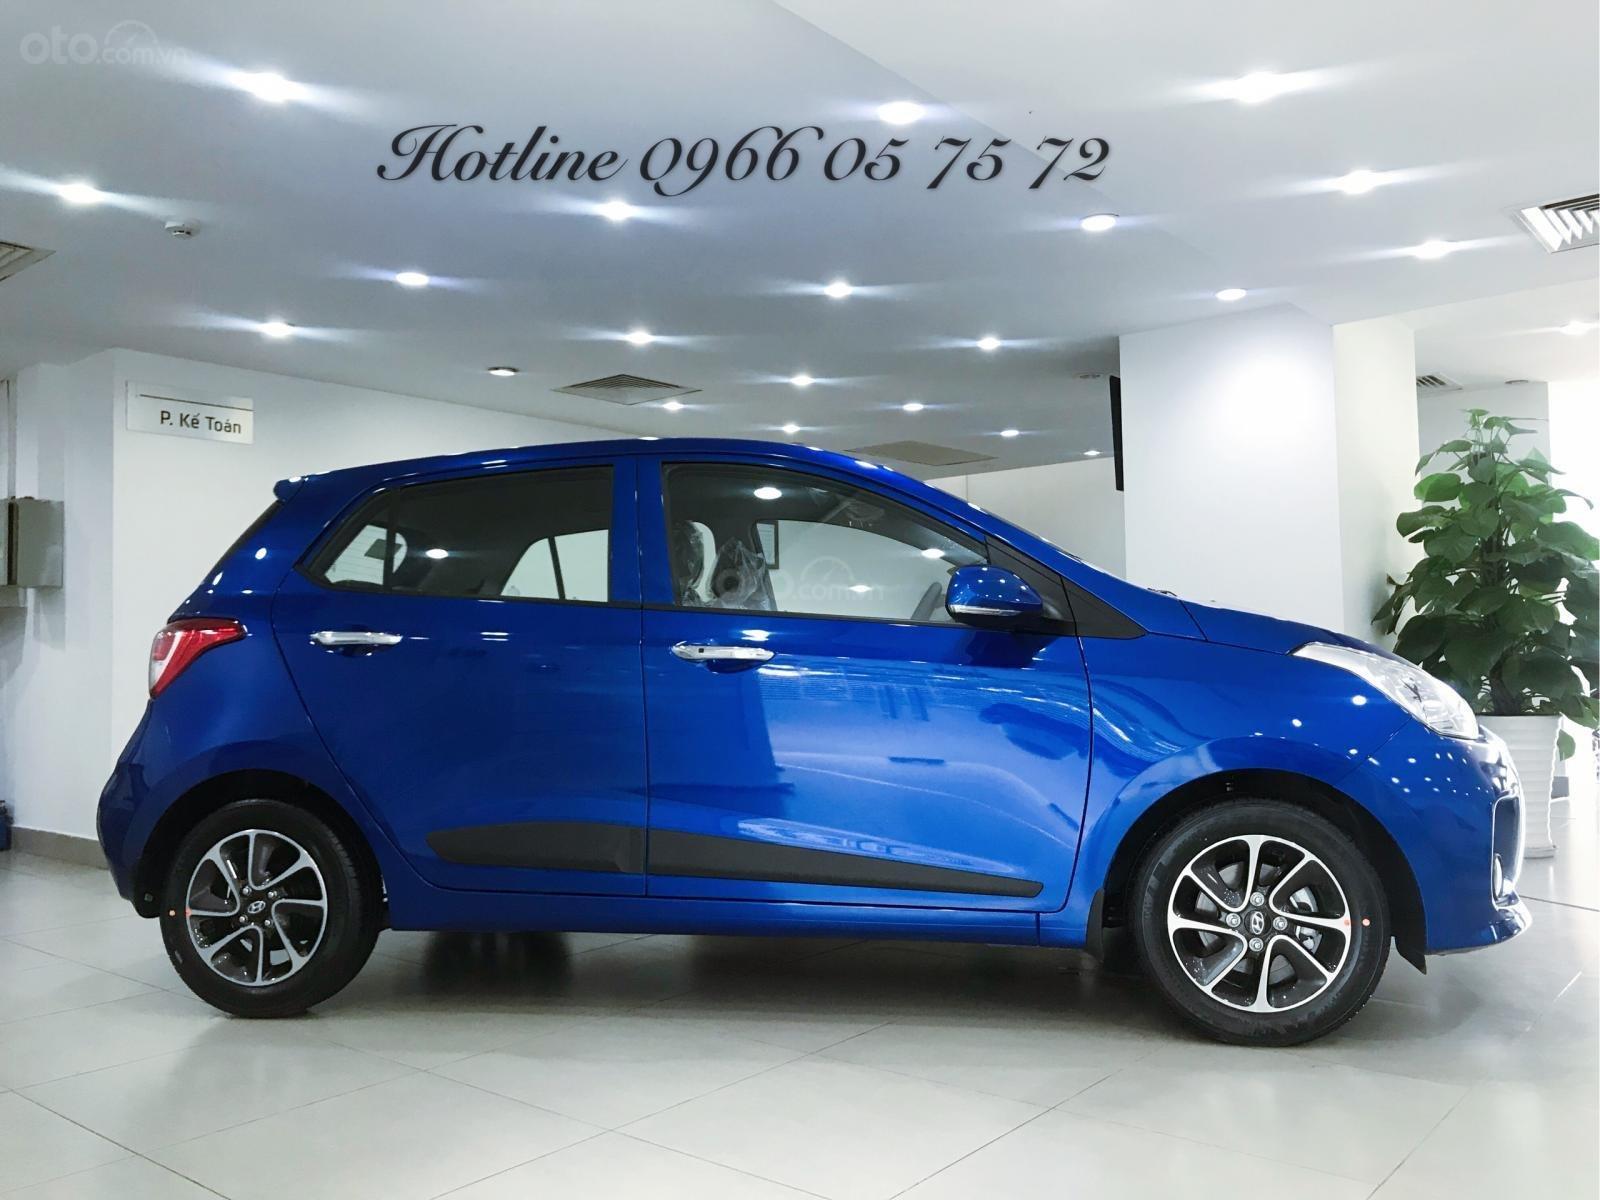 Bán Hyundai i10 1.2 số tự động, màu xanh cực hot - xe giao sớm - nhiều ưu đãi cực hot-2